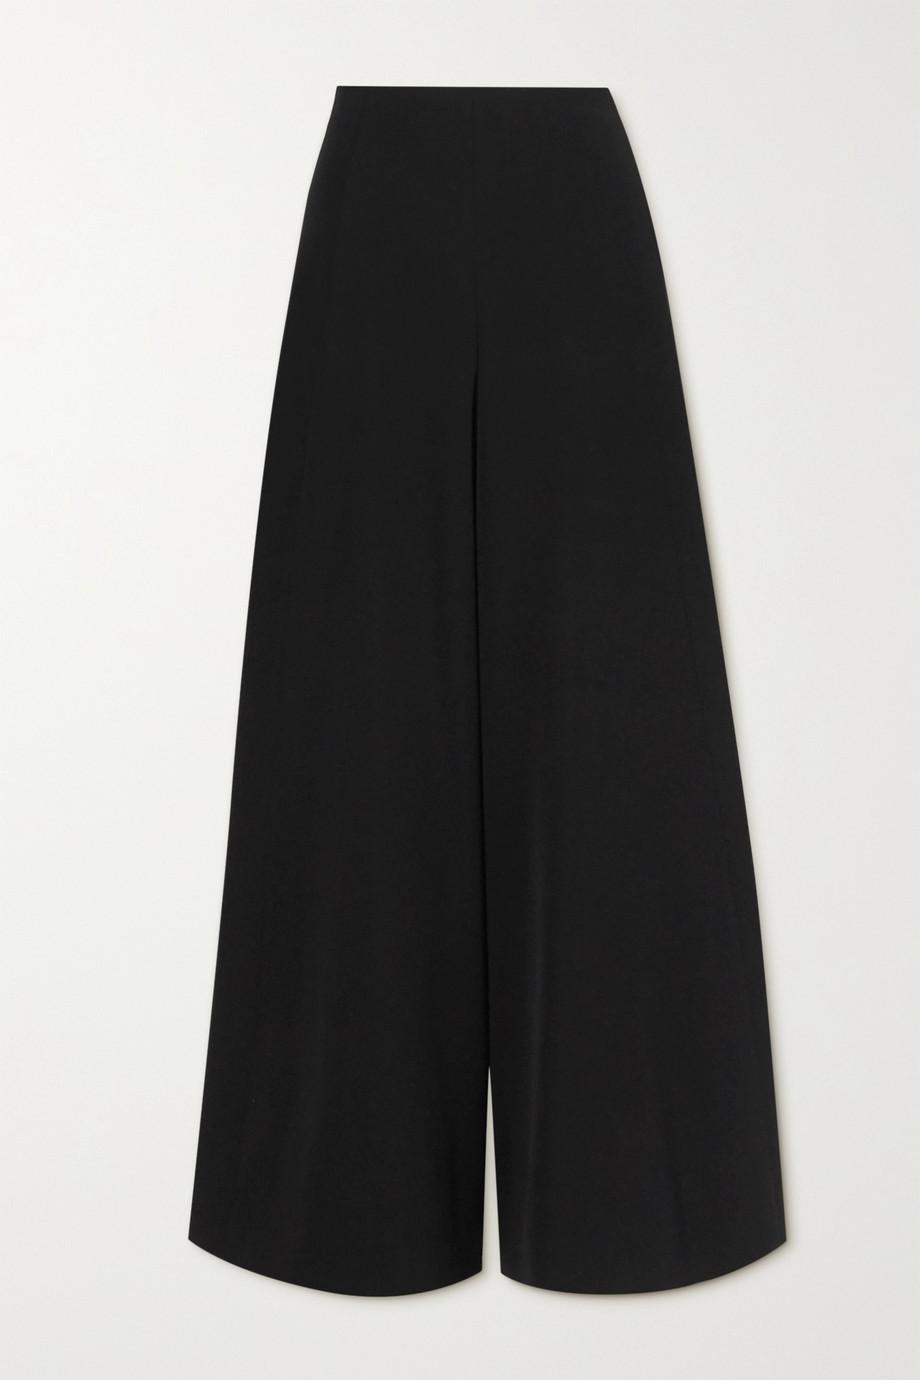 Alaïa Wool-twill wide-leg pants